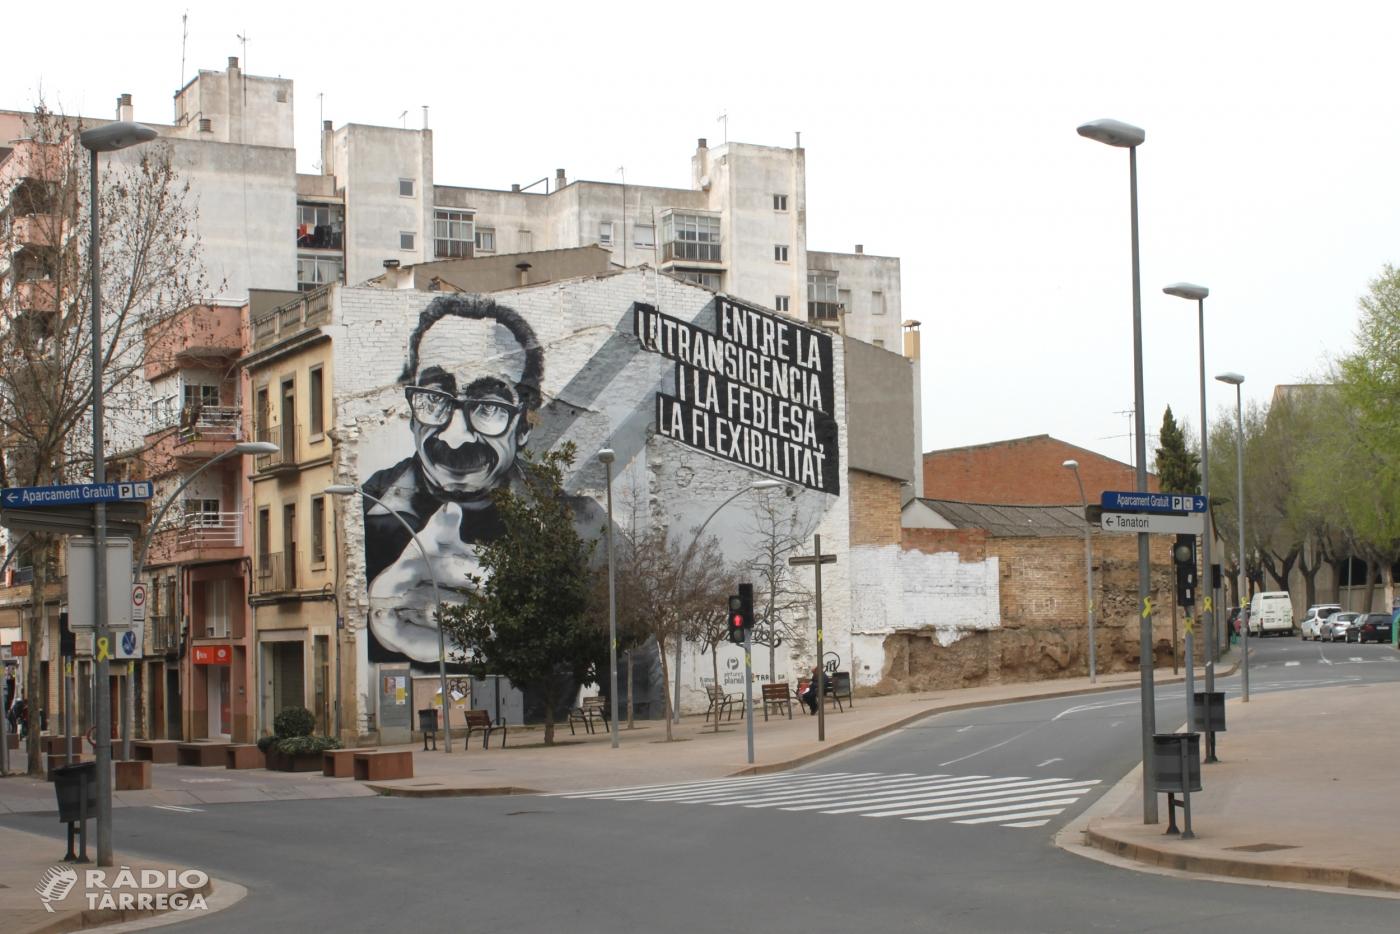 L'Ajuntament de Tàrrega dedicarà un espai urbà de l'avinguda de Catalunya a la memòria del Dr. Josep Domingo Mas